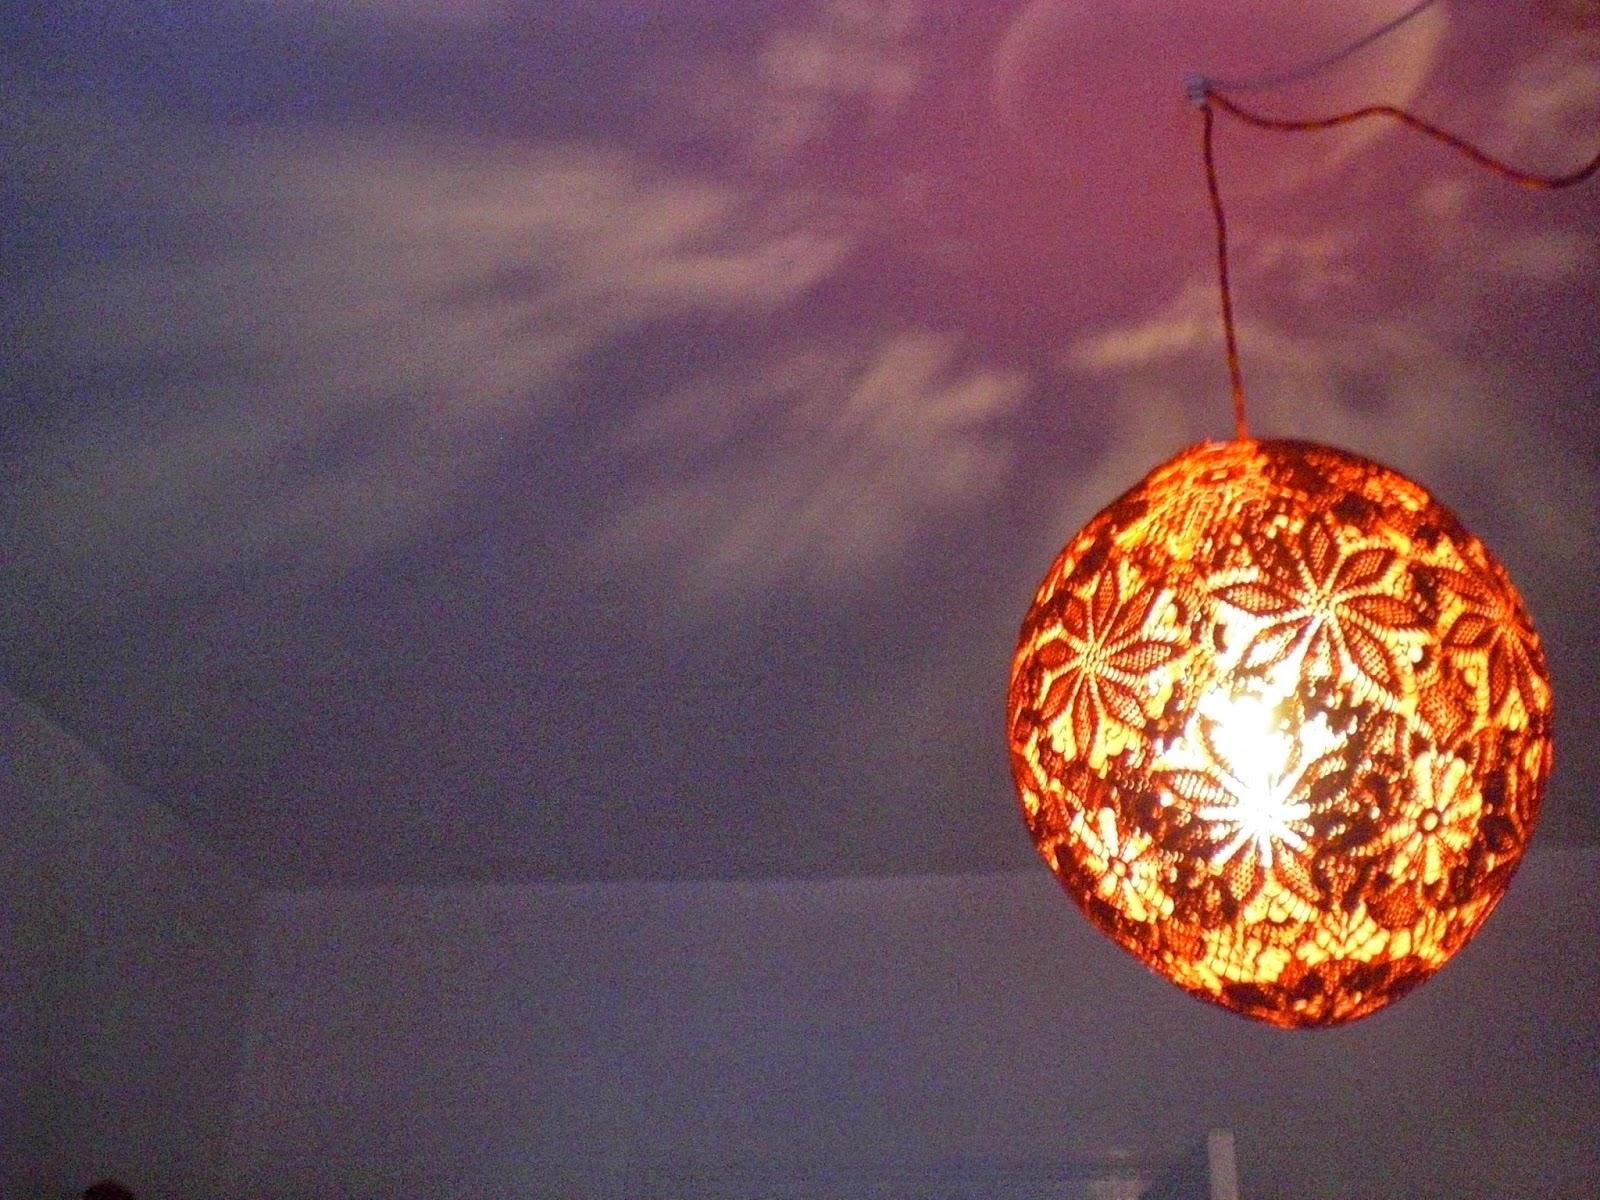 lampe af mellemlægsservietter